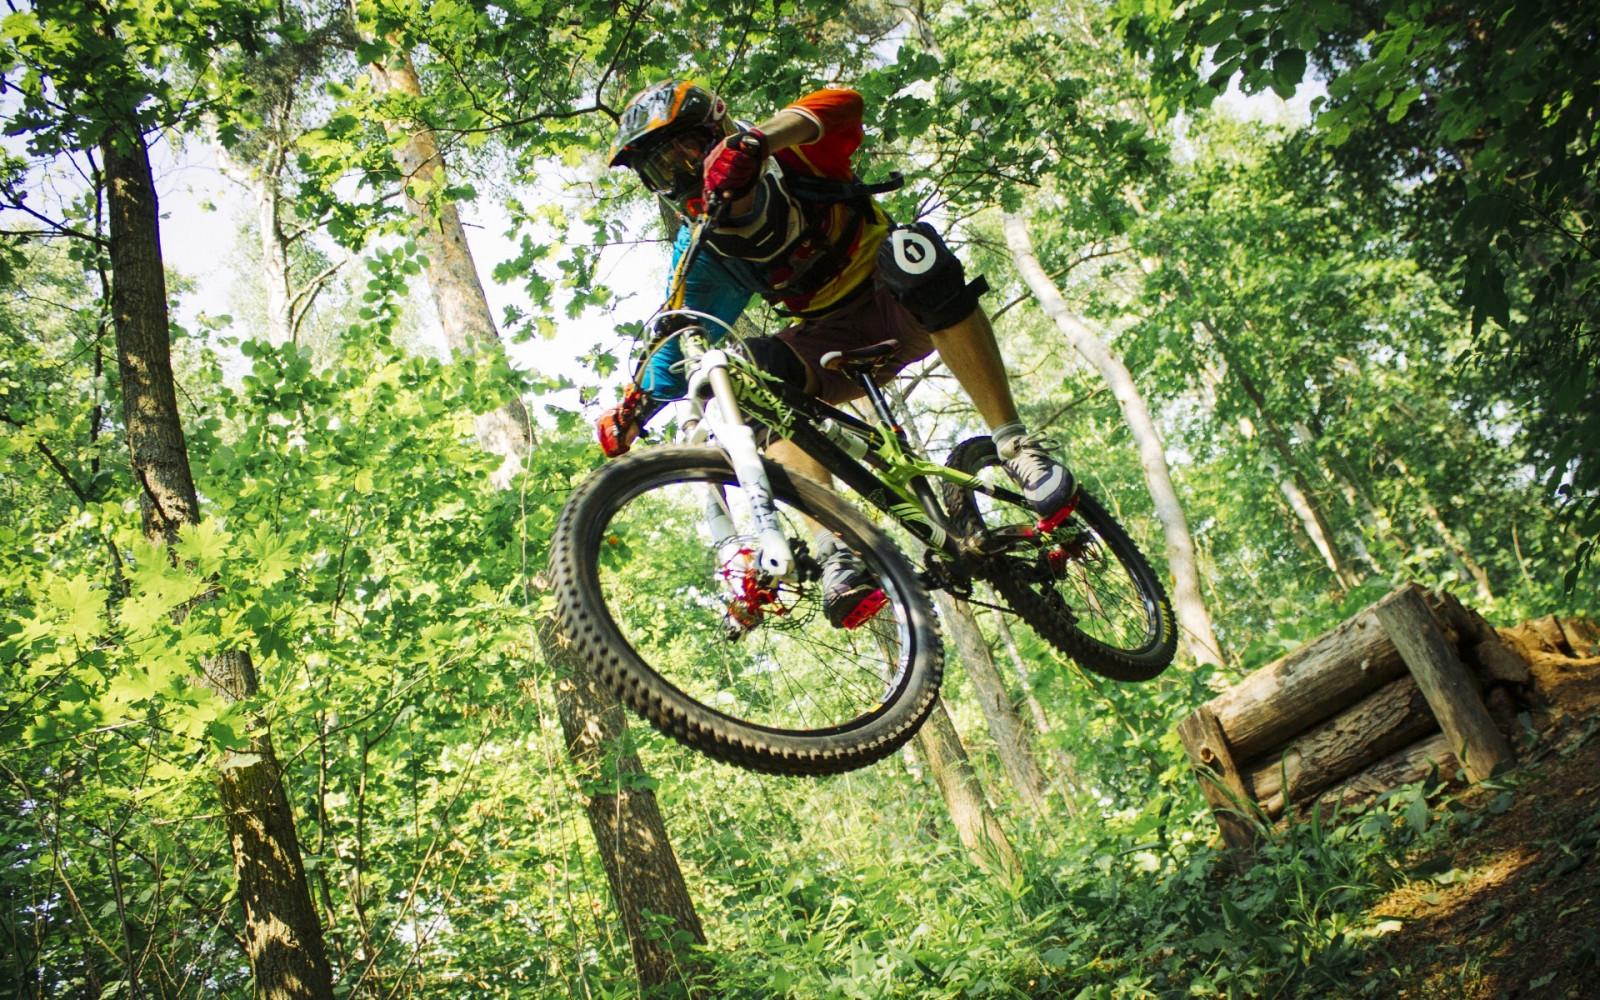 Fond d'écran : des sports, véhicule, casque, vélo de montagne, cyclisme, VTT en descente, Piste ...